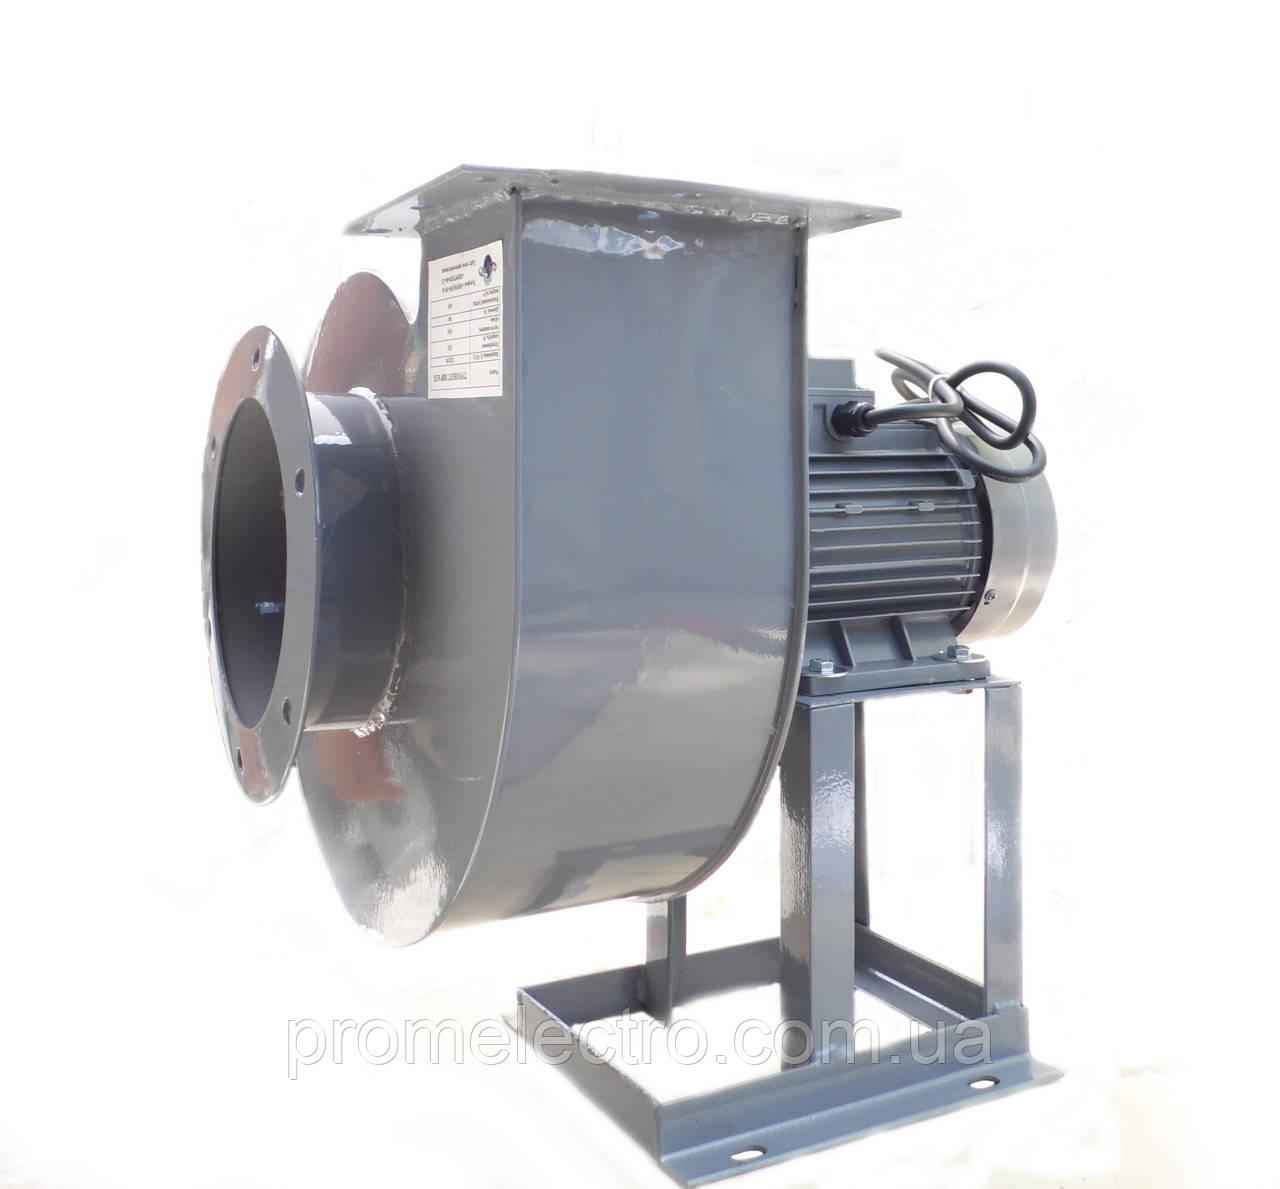 Пылевой радиальный высокотемпературный вентилятор Турбовент ПВР 1.1